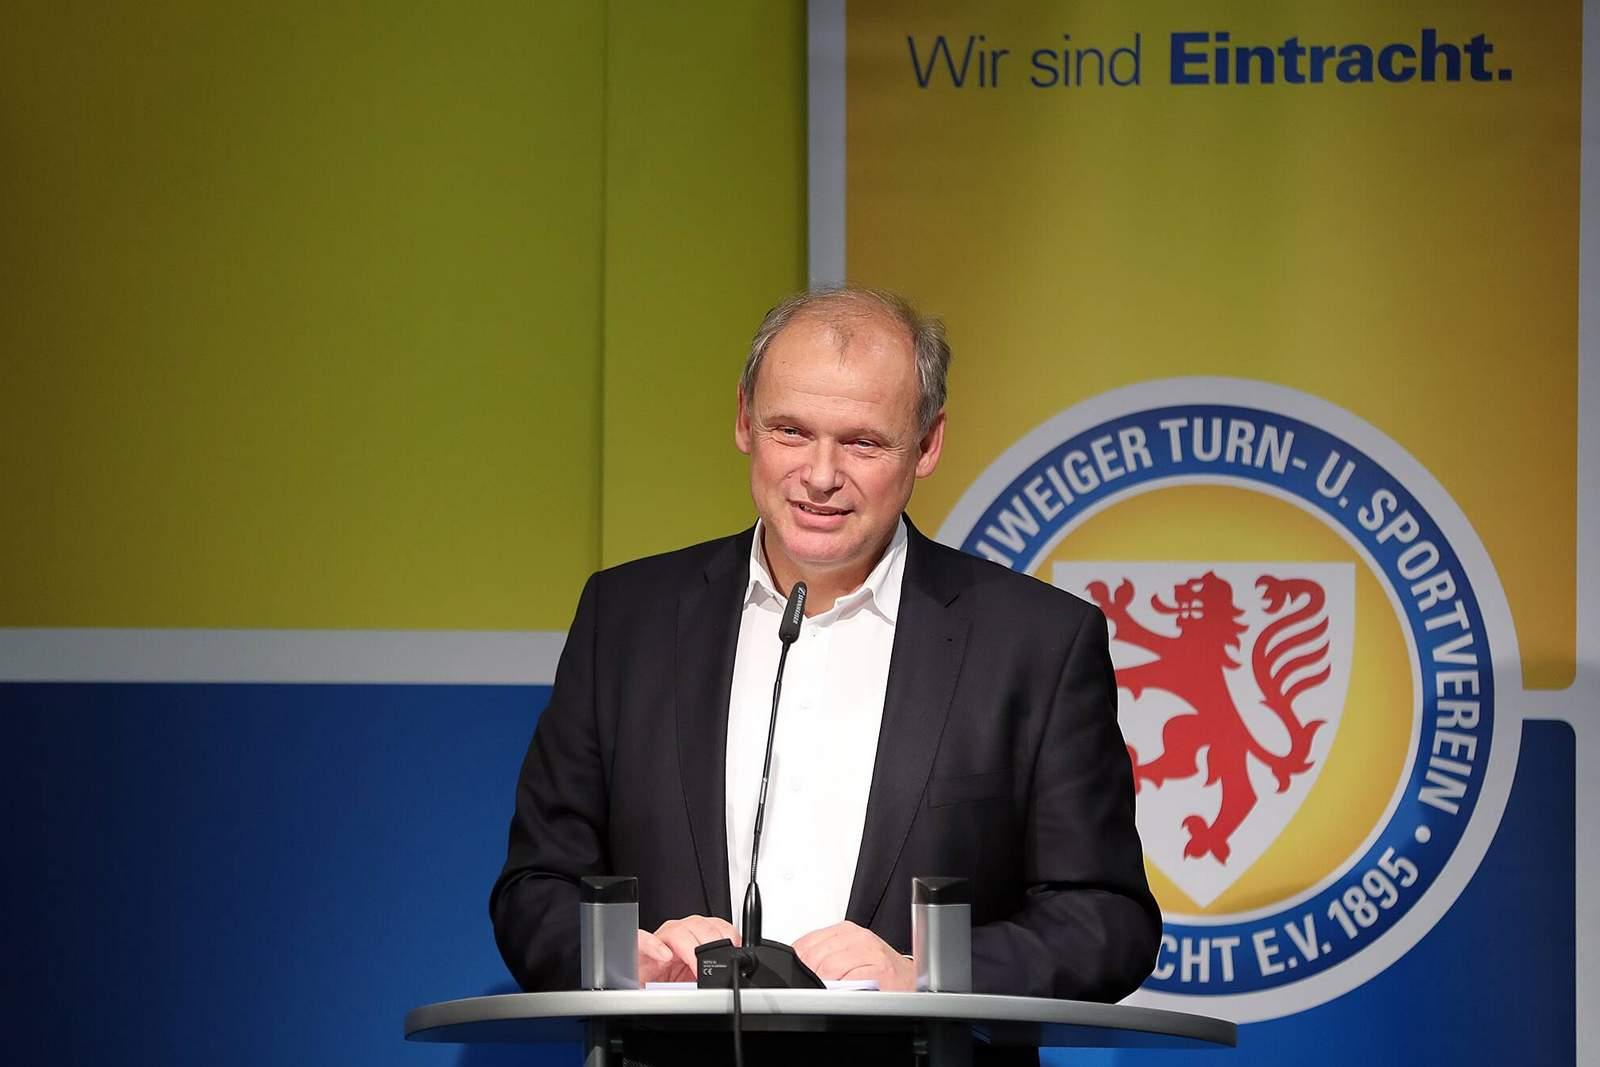 Sebastian Ebel bei der Mitgliederversammlung der Eintracht.